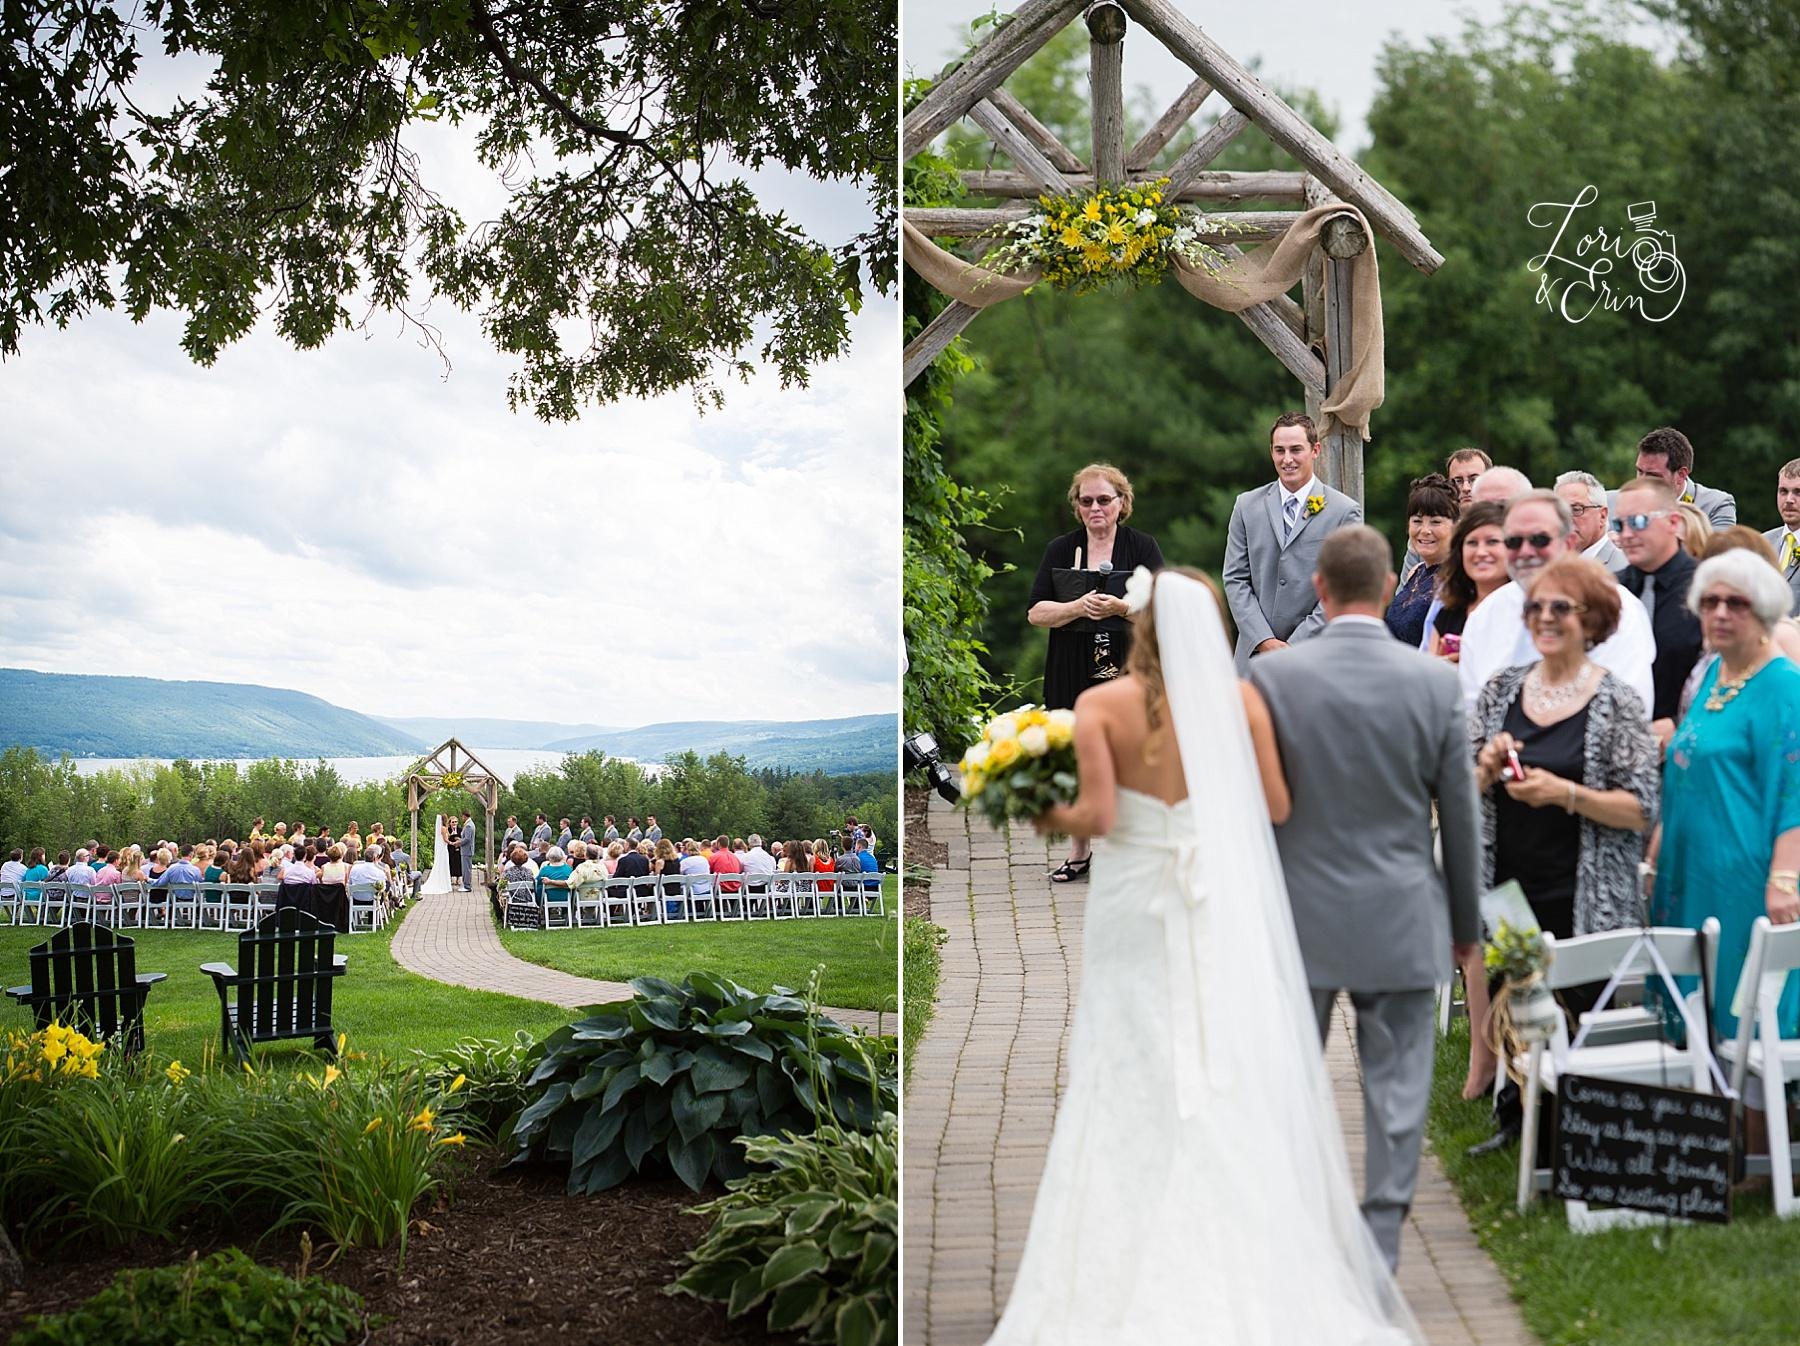 Bristol Harbour Wedding Photography, Canandaigua NY Wedding